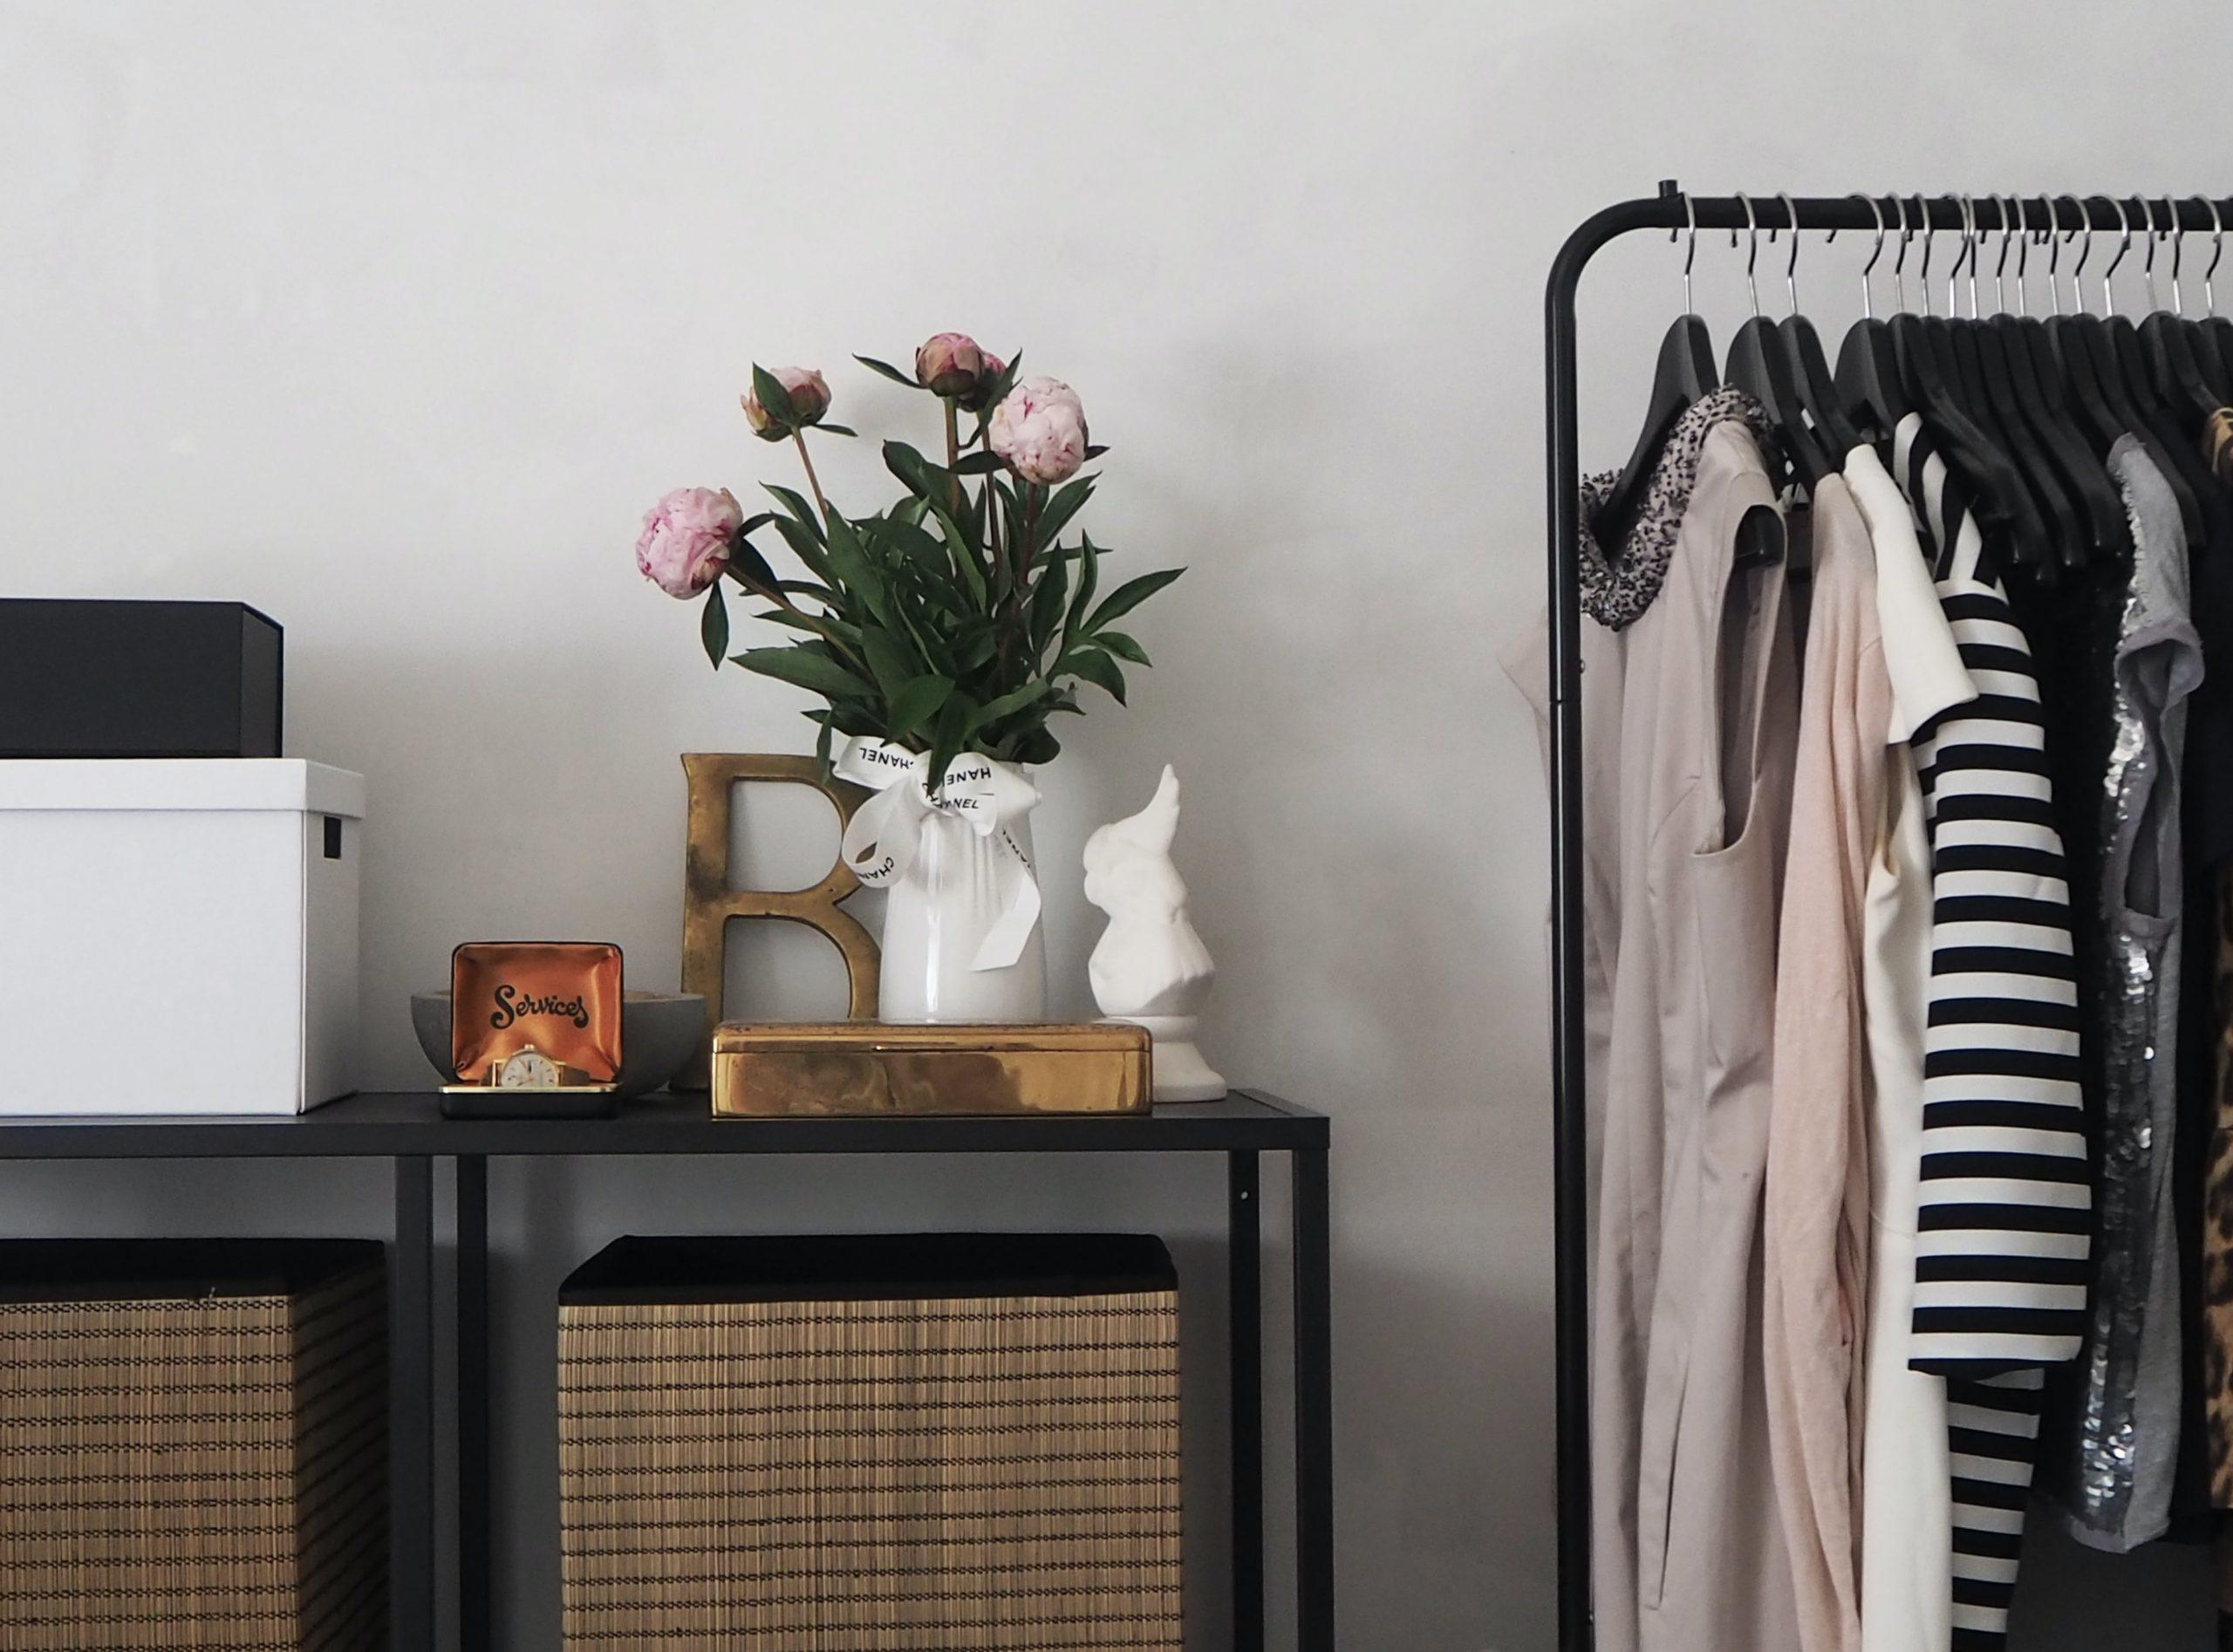 Minimalisme | spullen die ik niet meer nodig heb na het minimaliseren | ontspullen | Tidy Minds